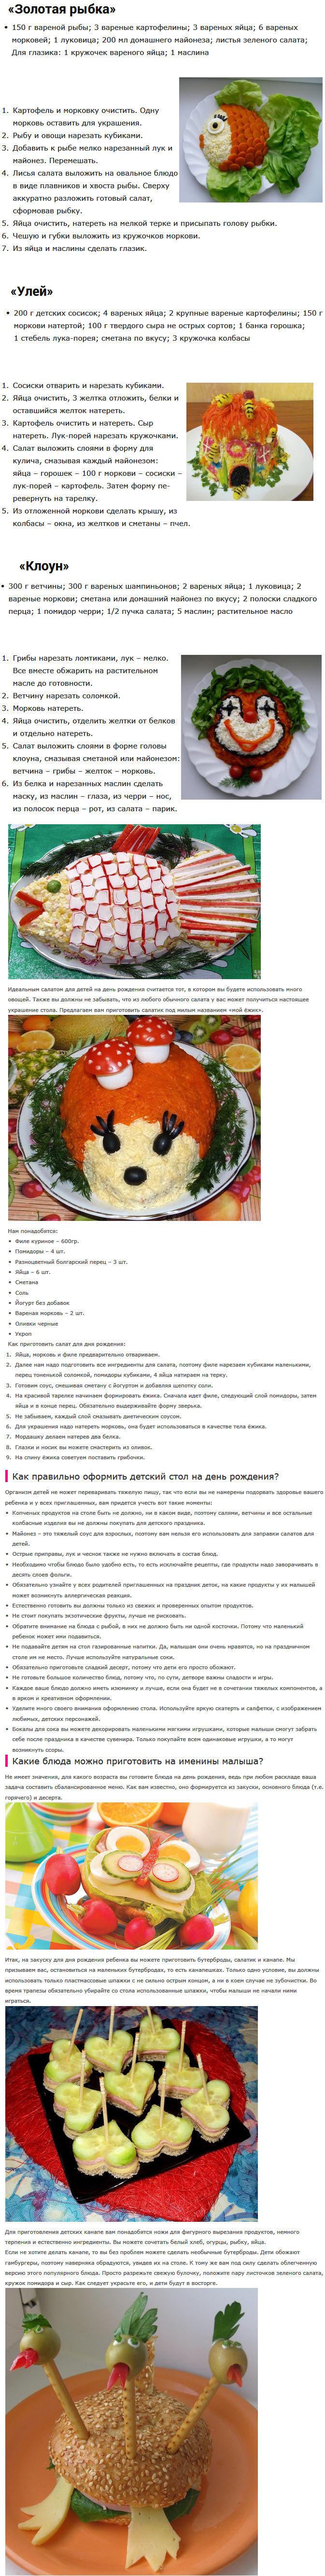 Простые рецепты детских блюд